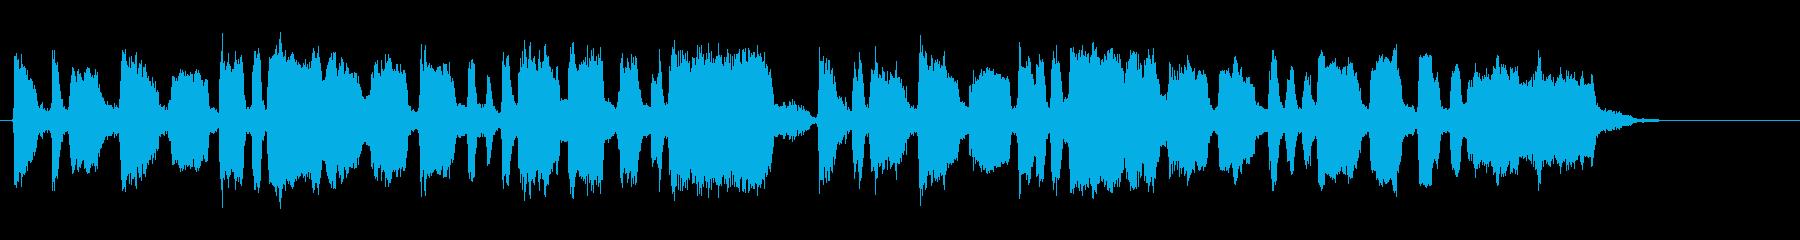 明るく煌びやかトランペットファンファーレの再生済みの波形